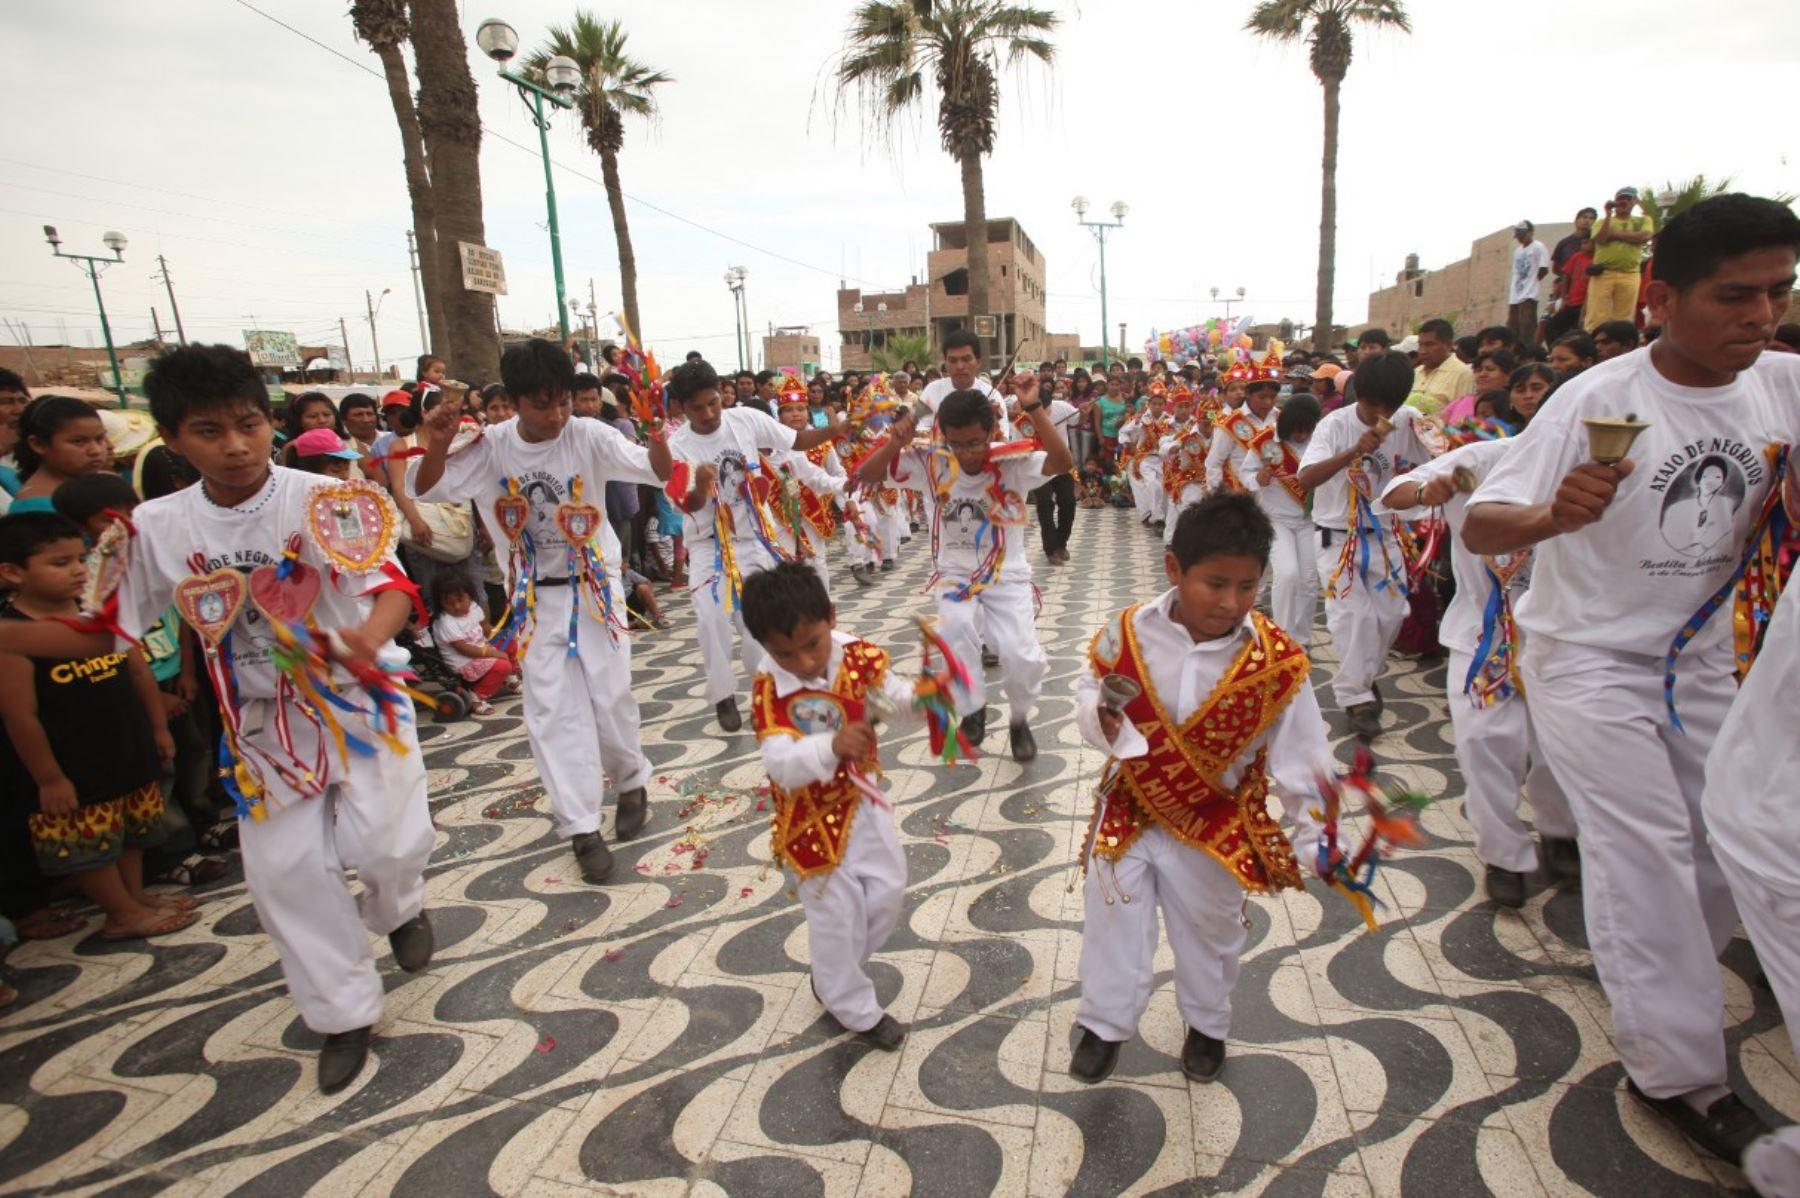 El Hatajo de Negritos fue declarada Patrimonio Cultural de la Nación el 7 de junio de 2012 y es una expresión musical y de danza interpretada exclusivamente por varones, como parte de las celebraciones por la Navidad, con especial incidencia en la provincia iqueña de Chincha. ANDINA/Difusión